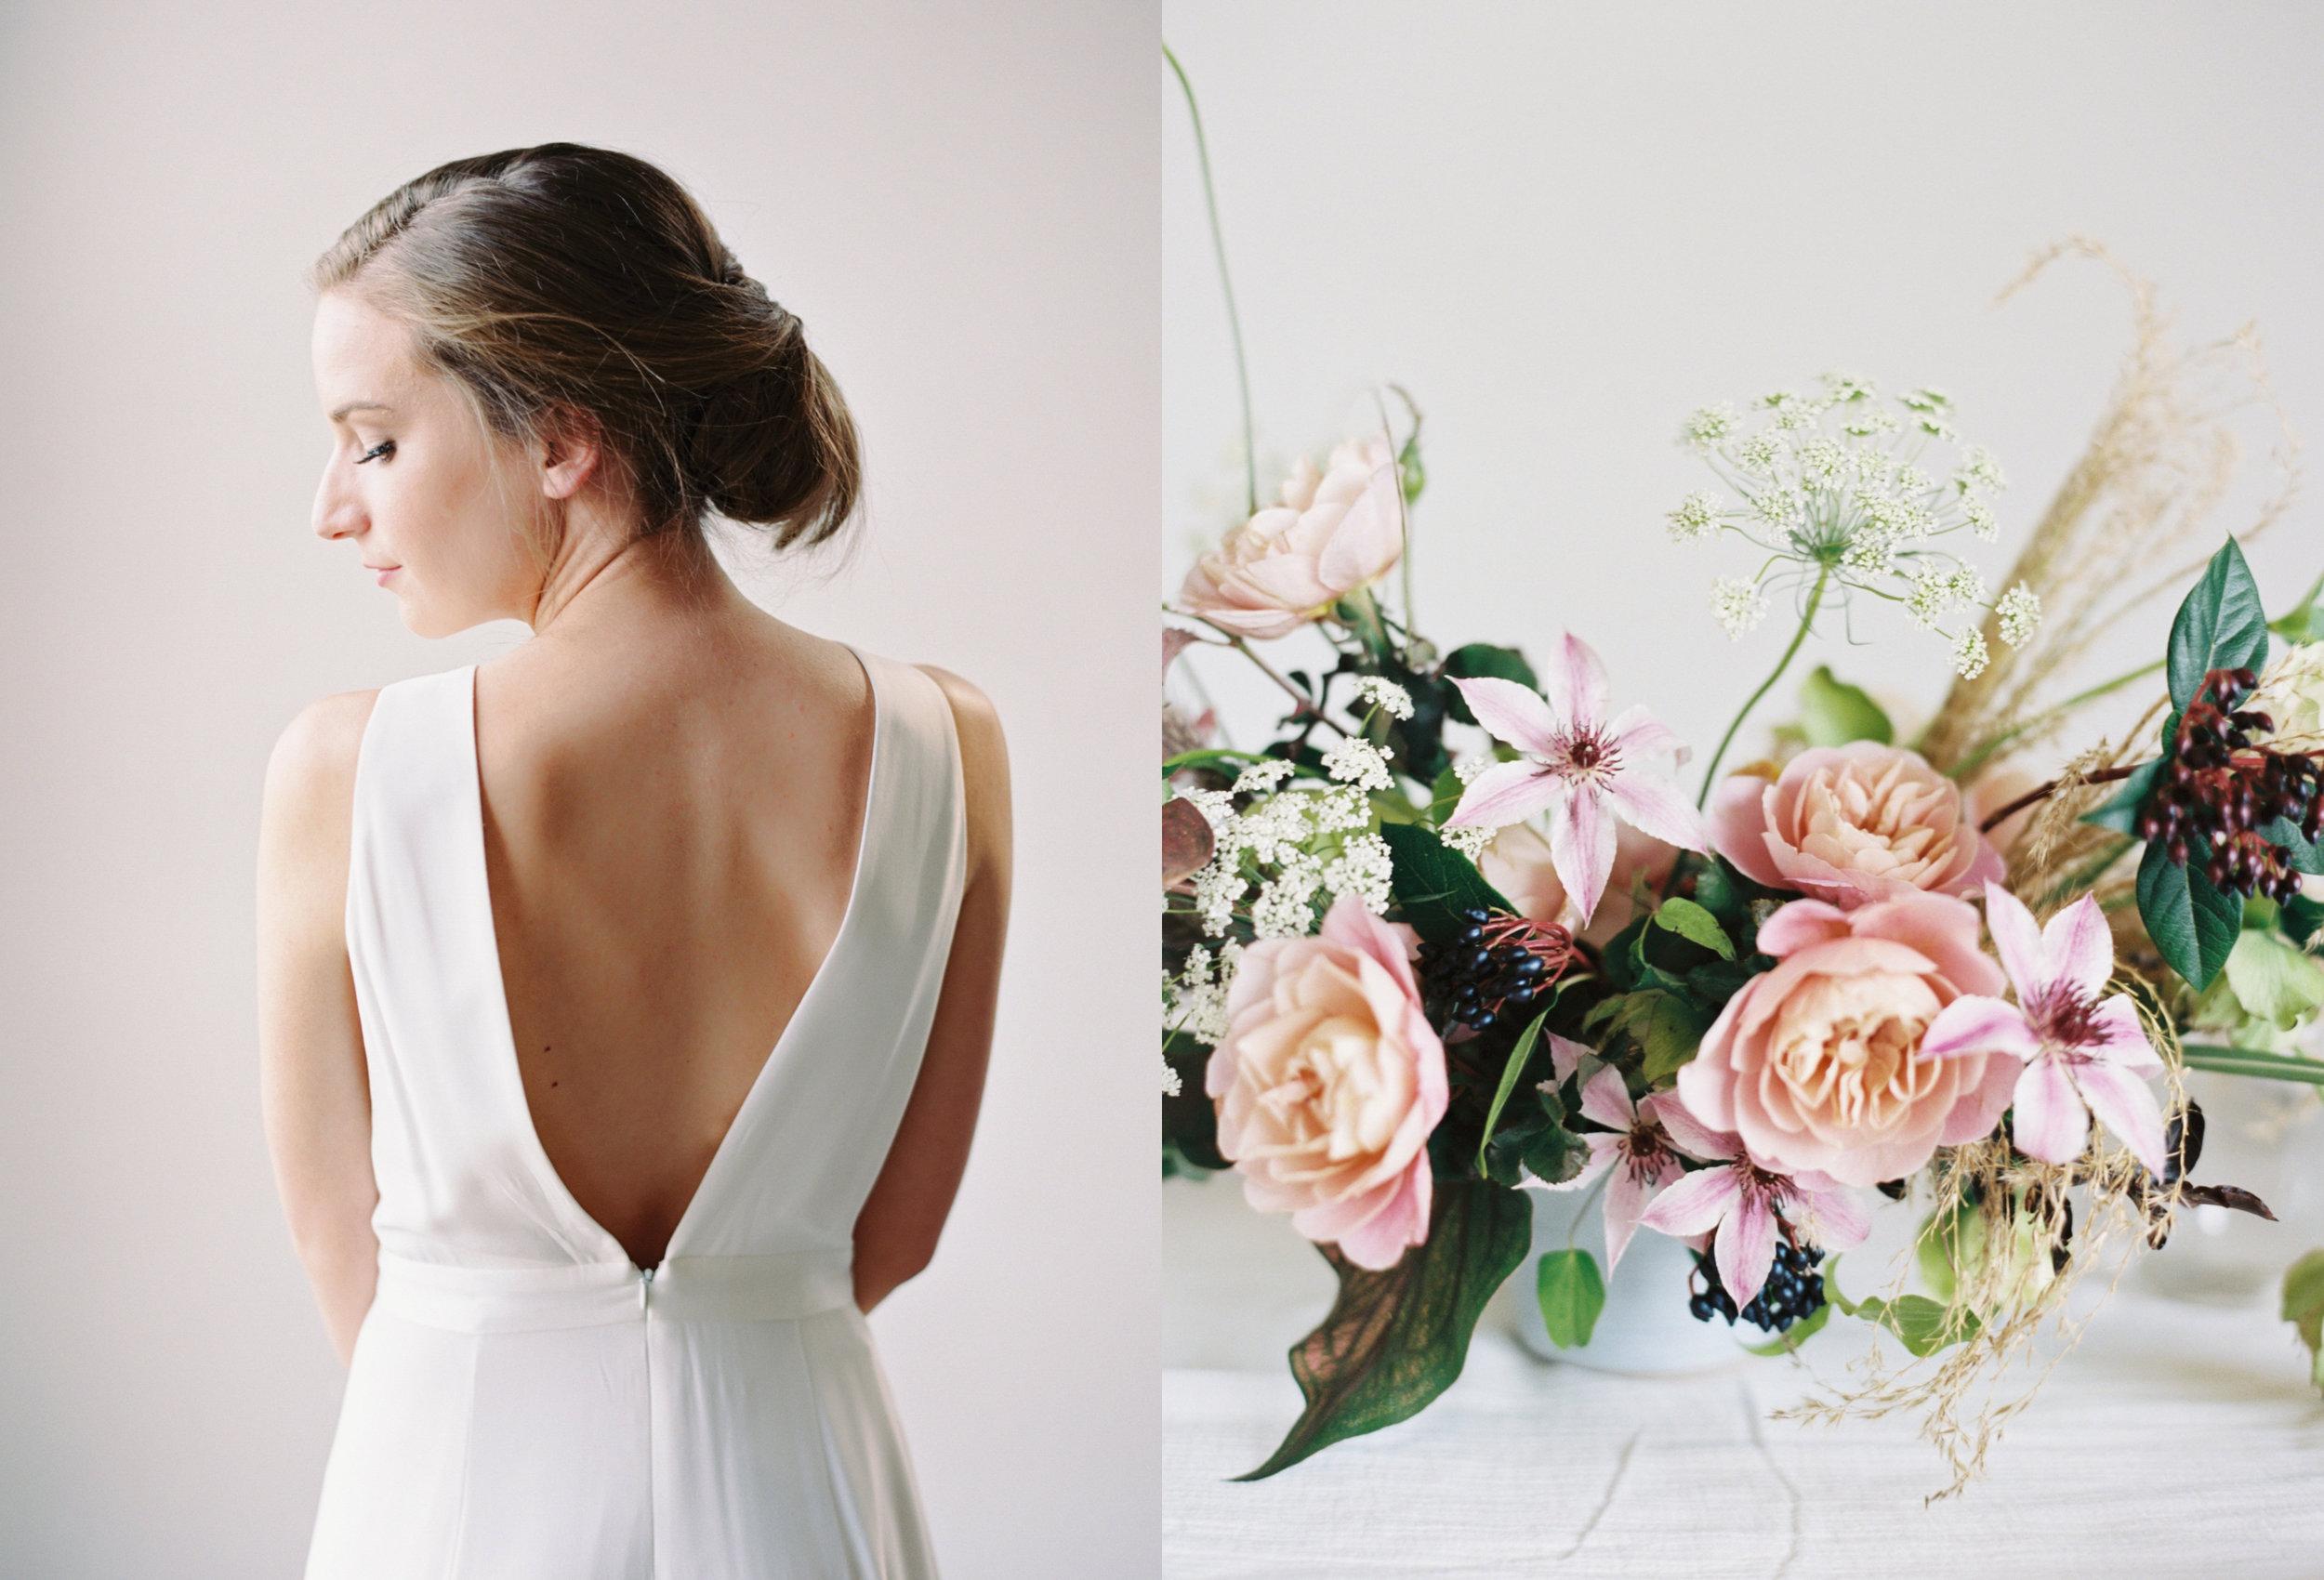 mm back dress flower details pink.jpg